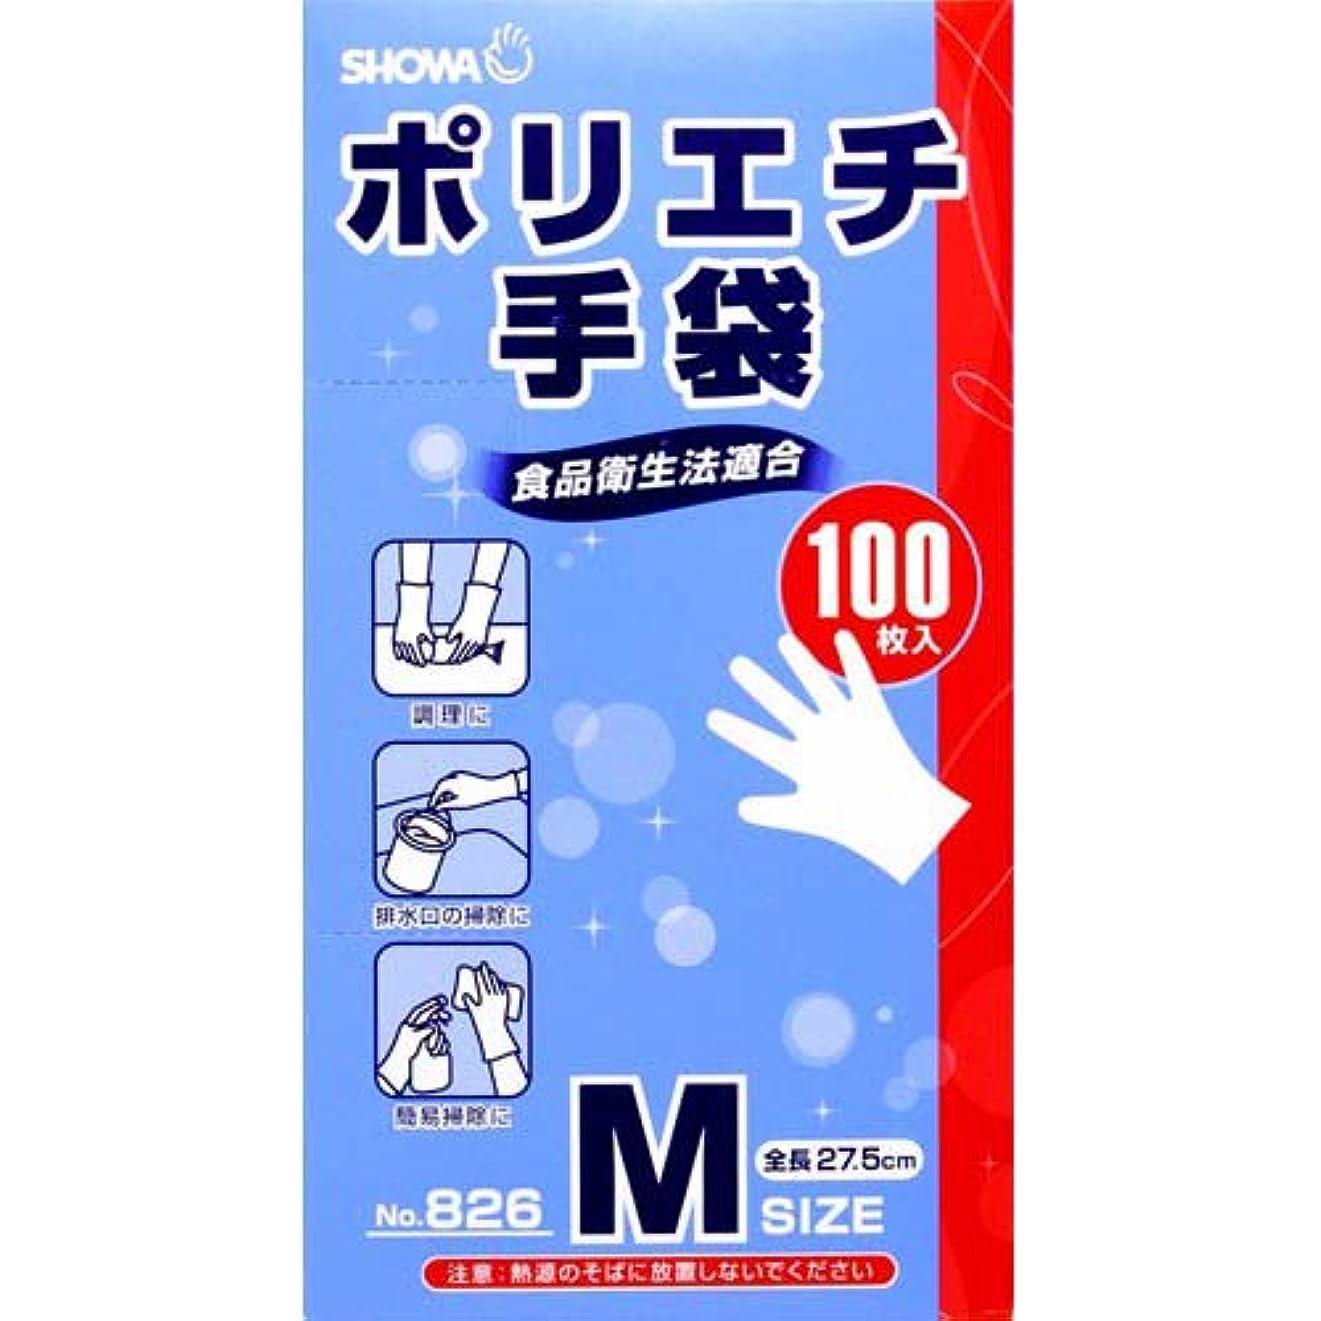 主人バトル定規マツヨシ 使い捨て手袋 マイスコPVCグローブ 粉なし MY-7522(サイズ:M)100枚入り 病院採用商品